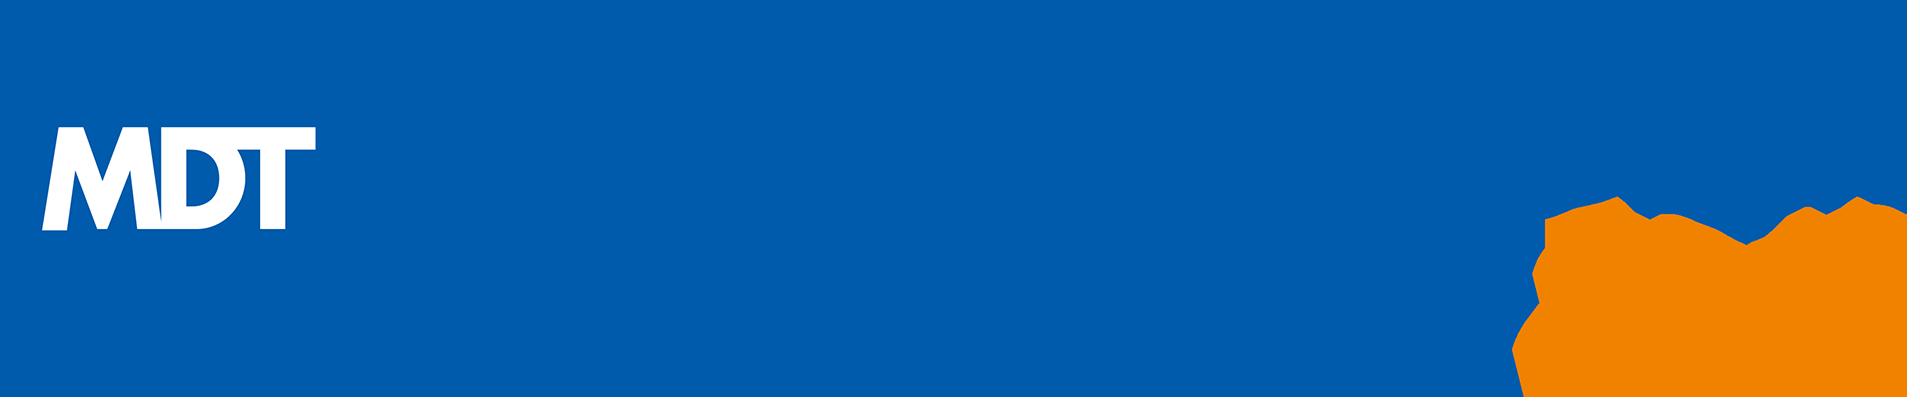 Modeling Design Technology 2018